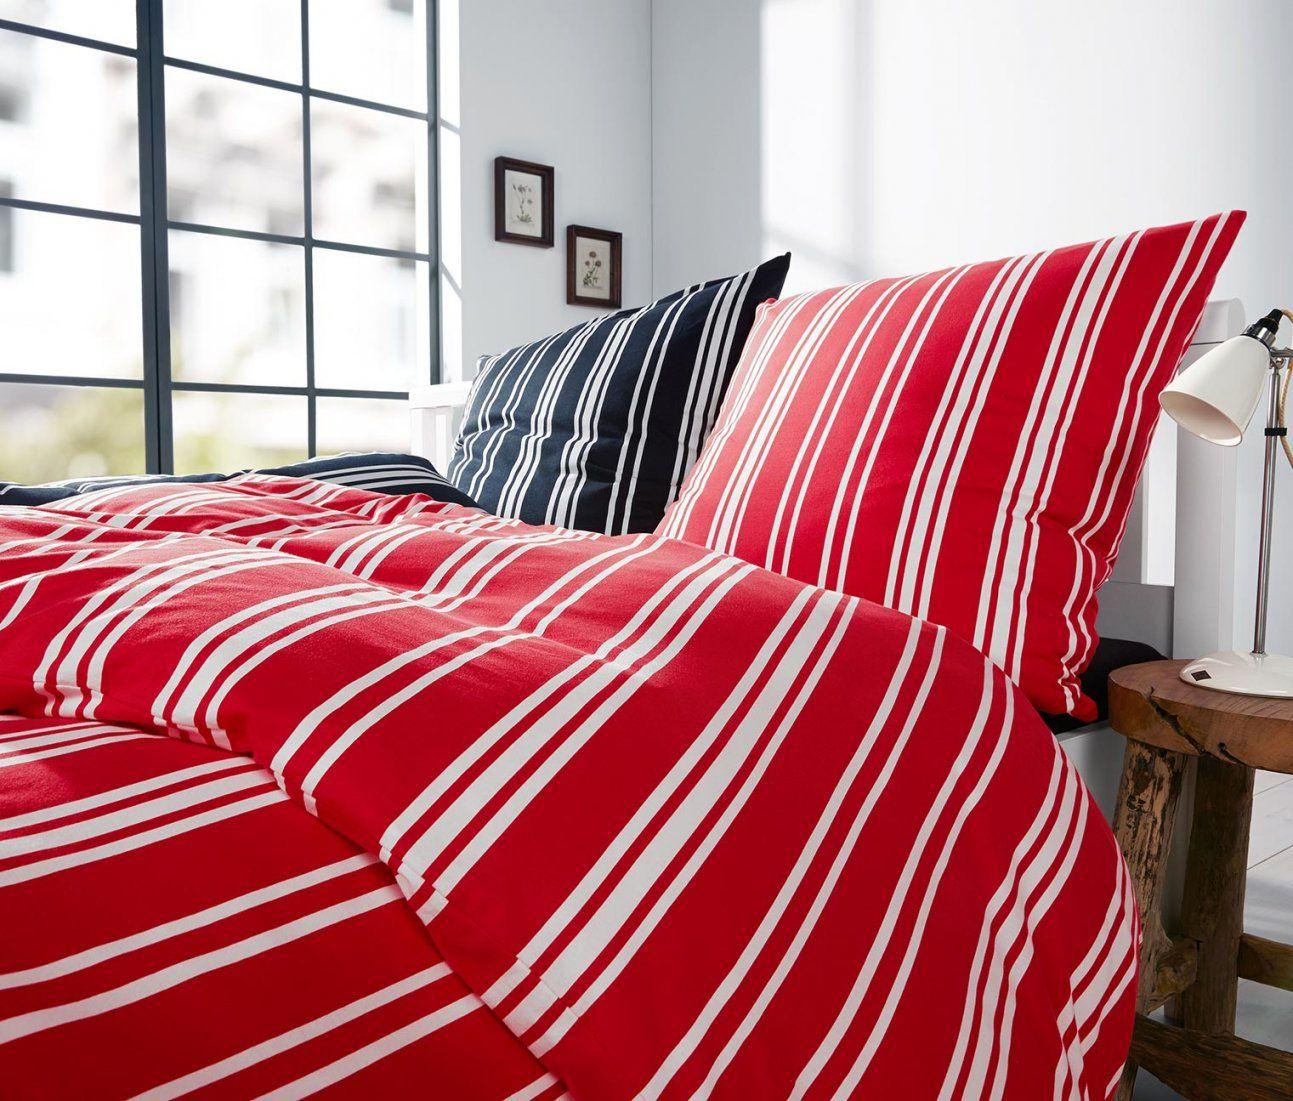 Jerseybettwäsche Rotweiß Gestreift Online Bestellen Bei Tchibo 309832 von Tchibo Jersey Bettwäsche Photo